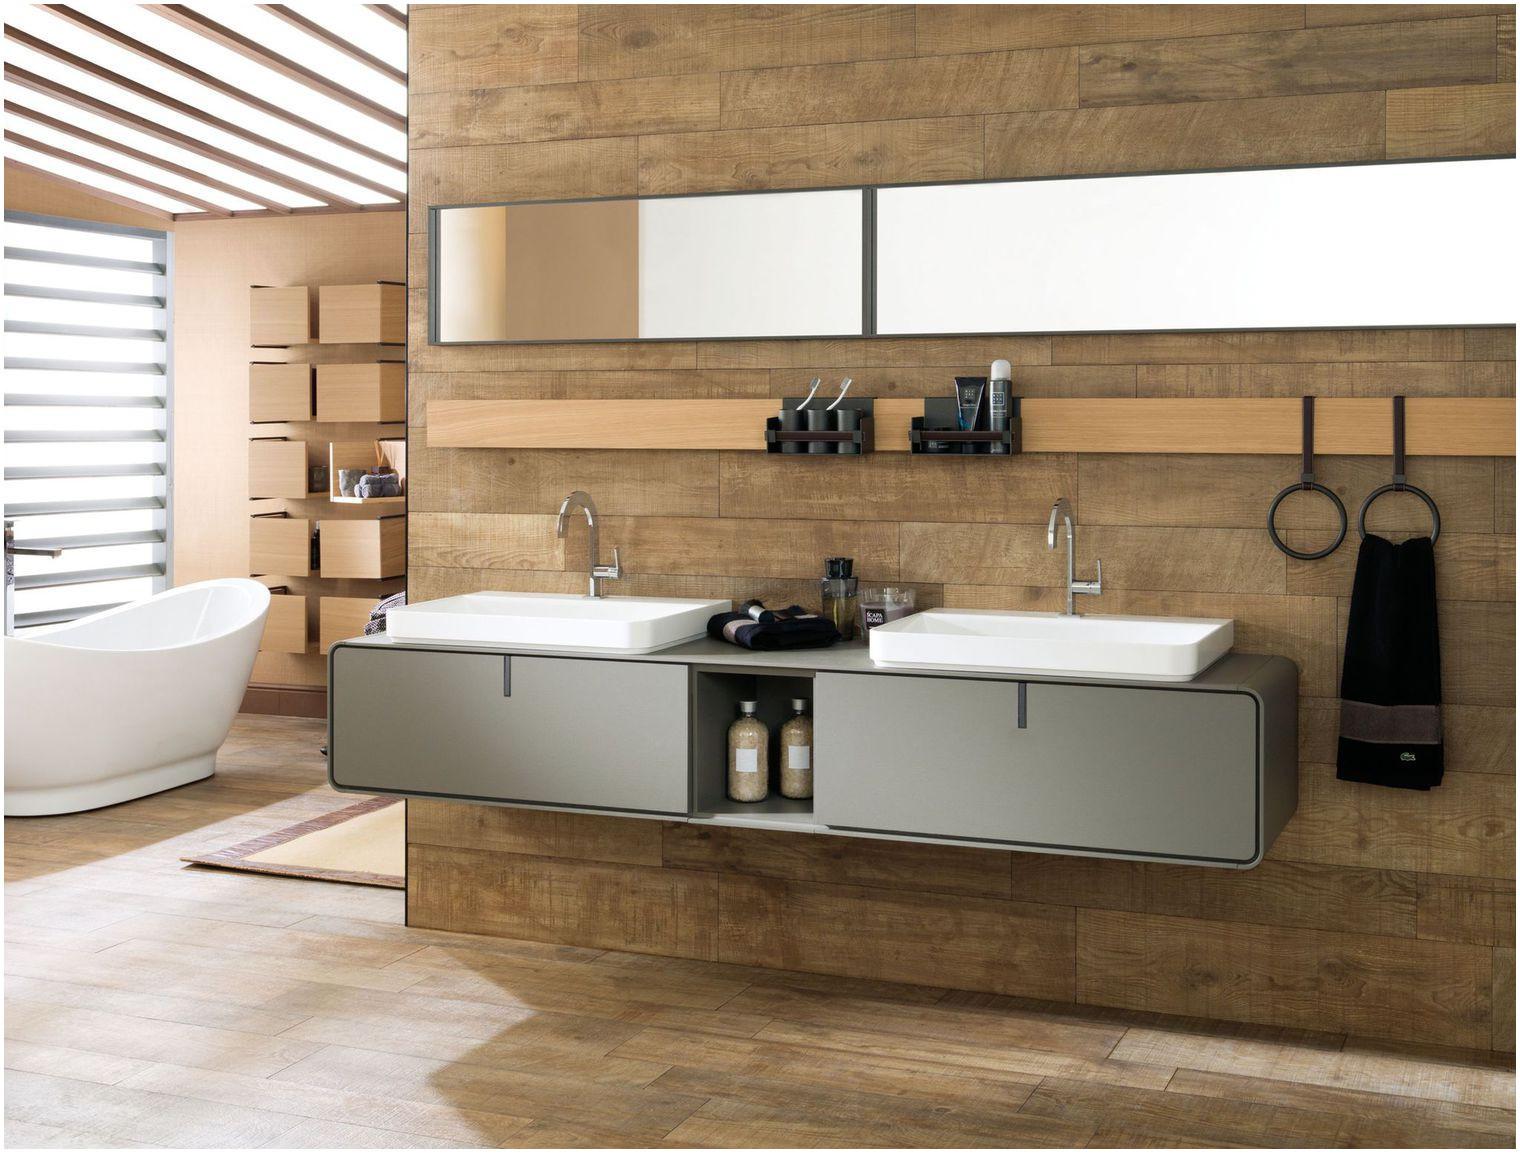 brico depot meuble meuble salle de bain brico depot design salle de bain s media cache of brico depot meuble